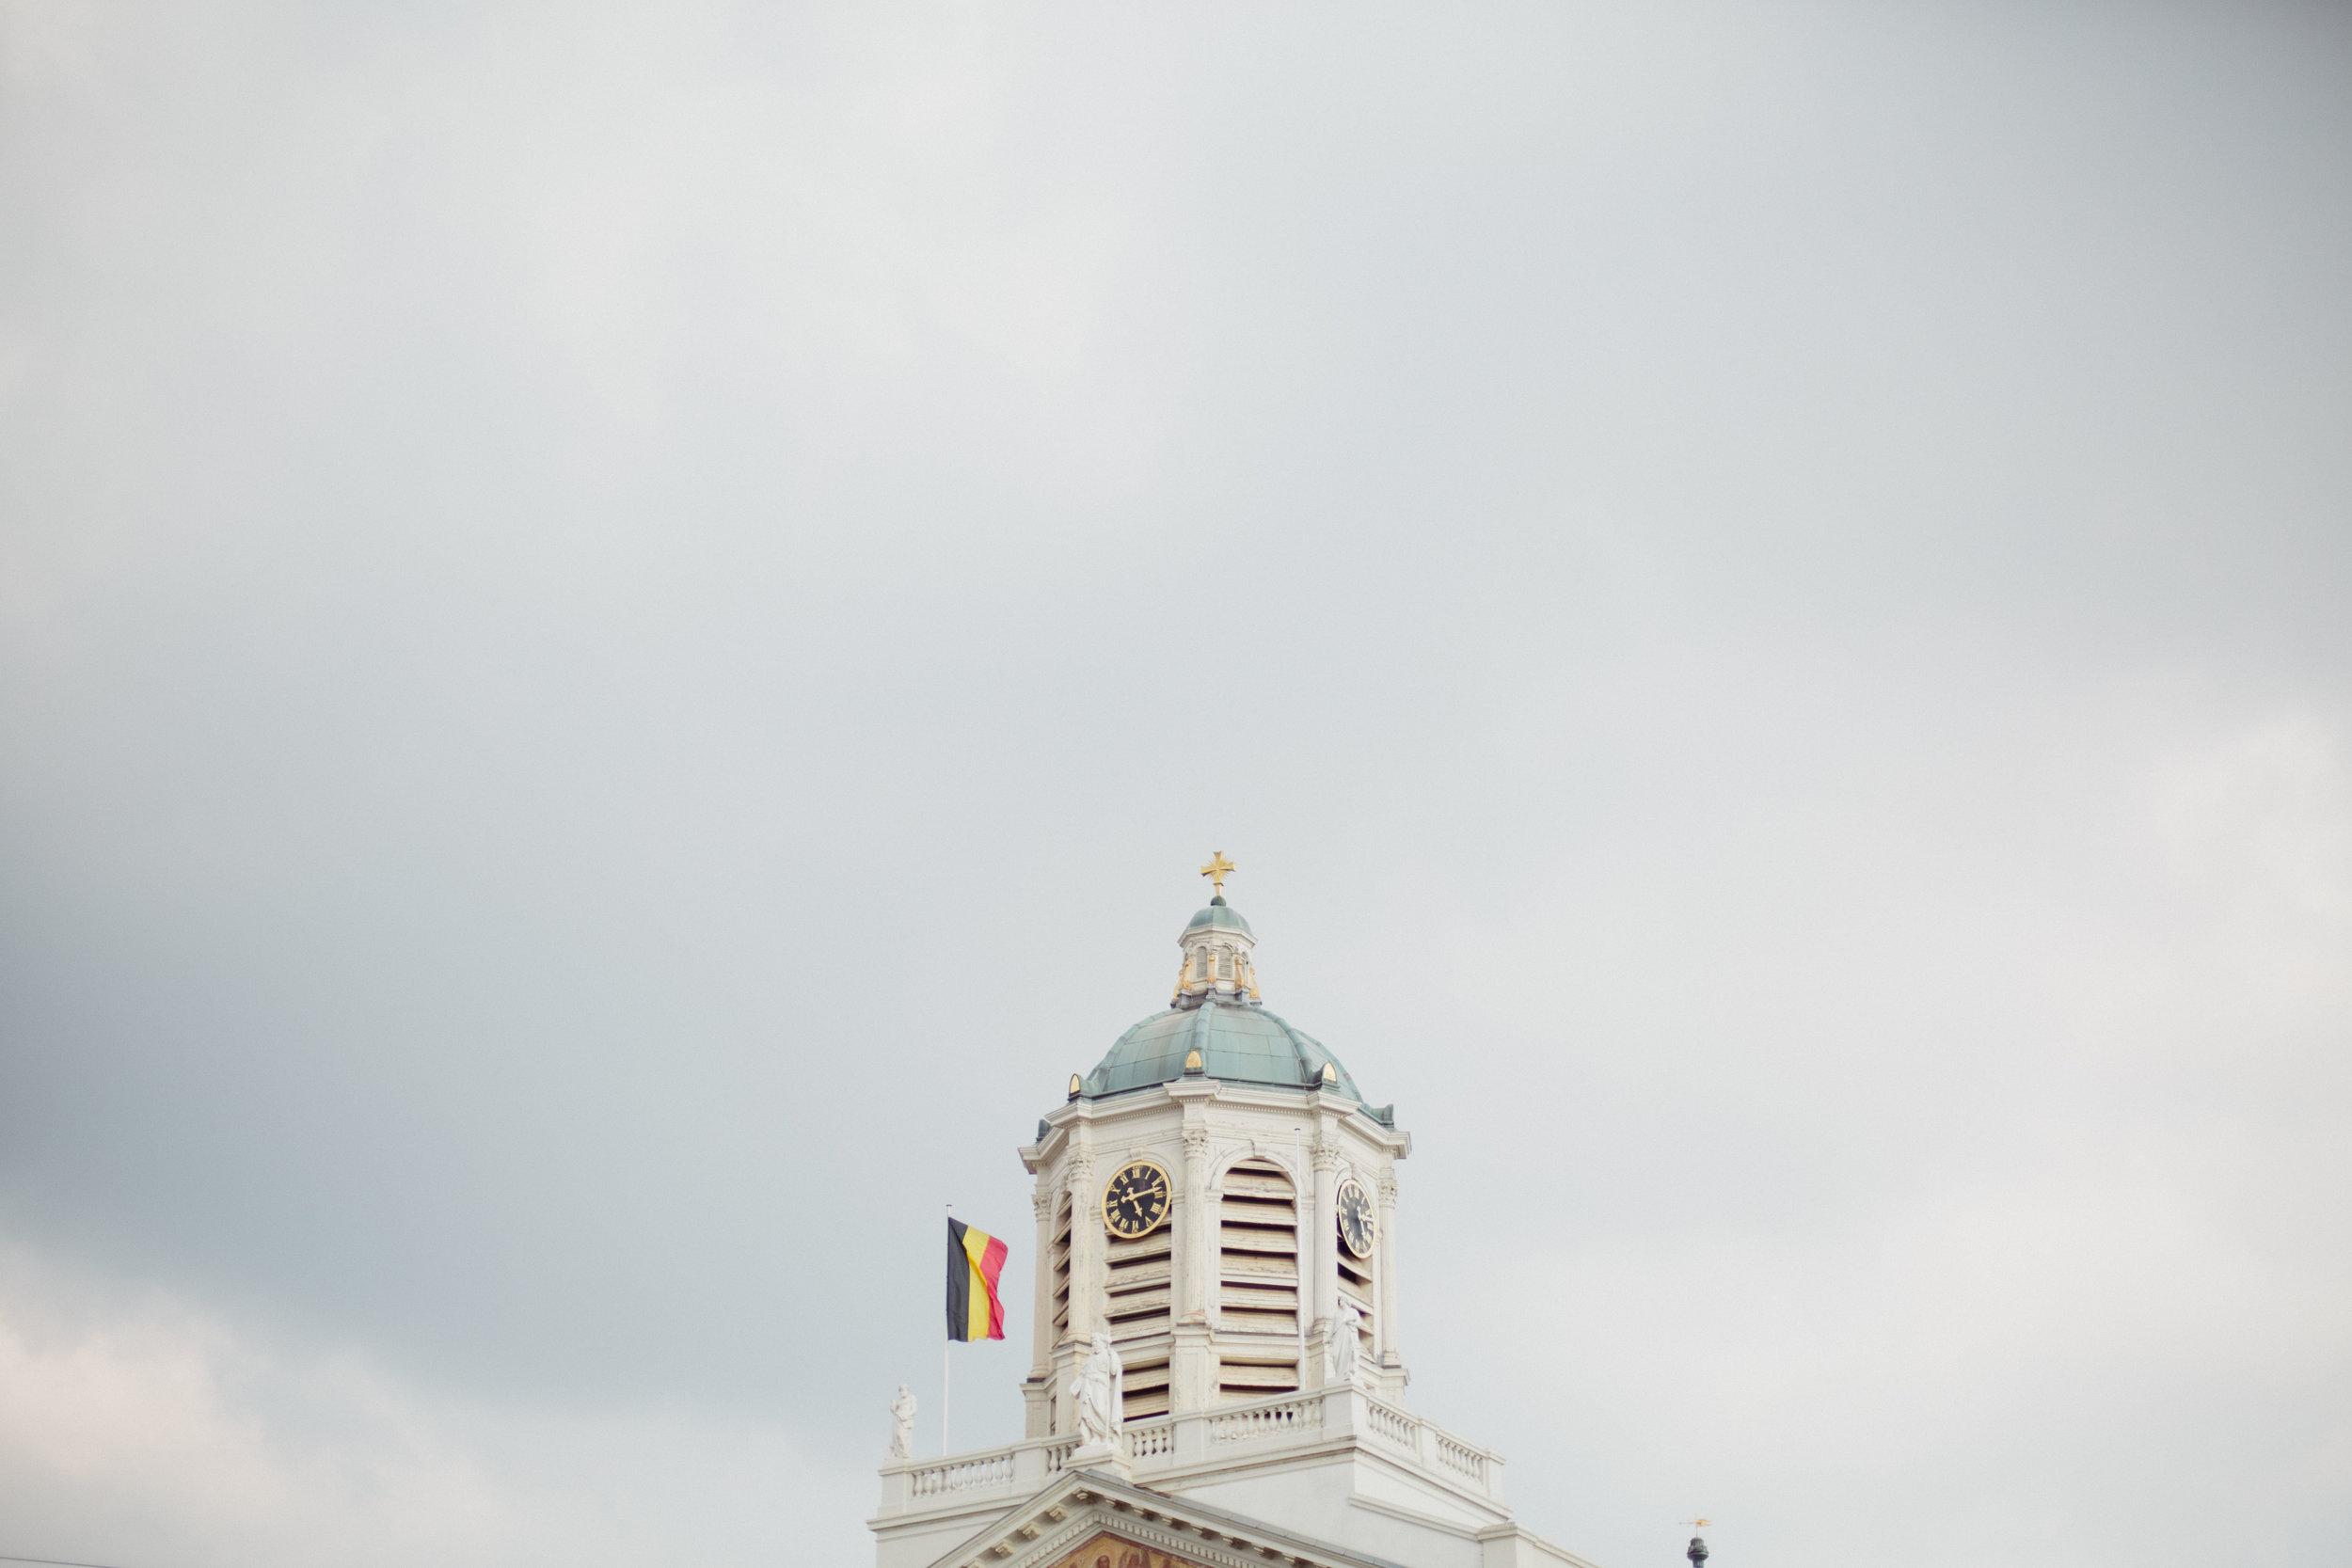 belgique-31.jpg